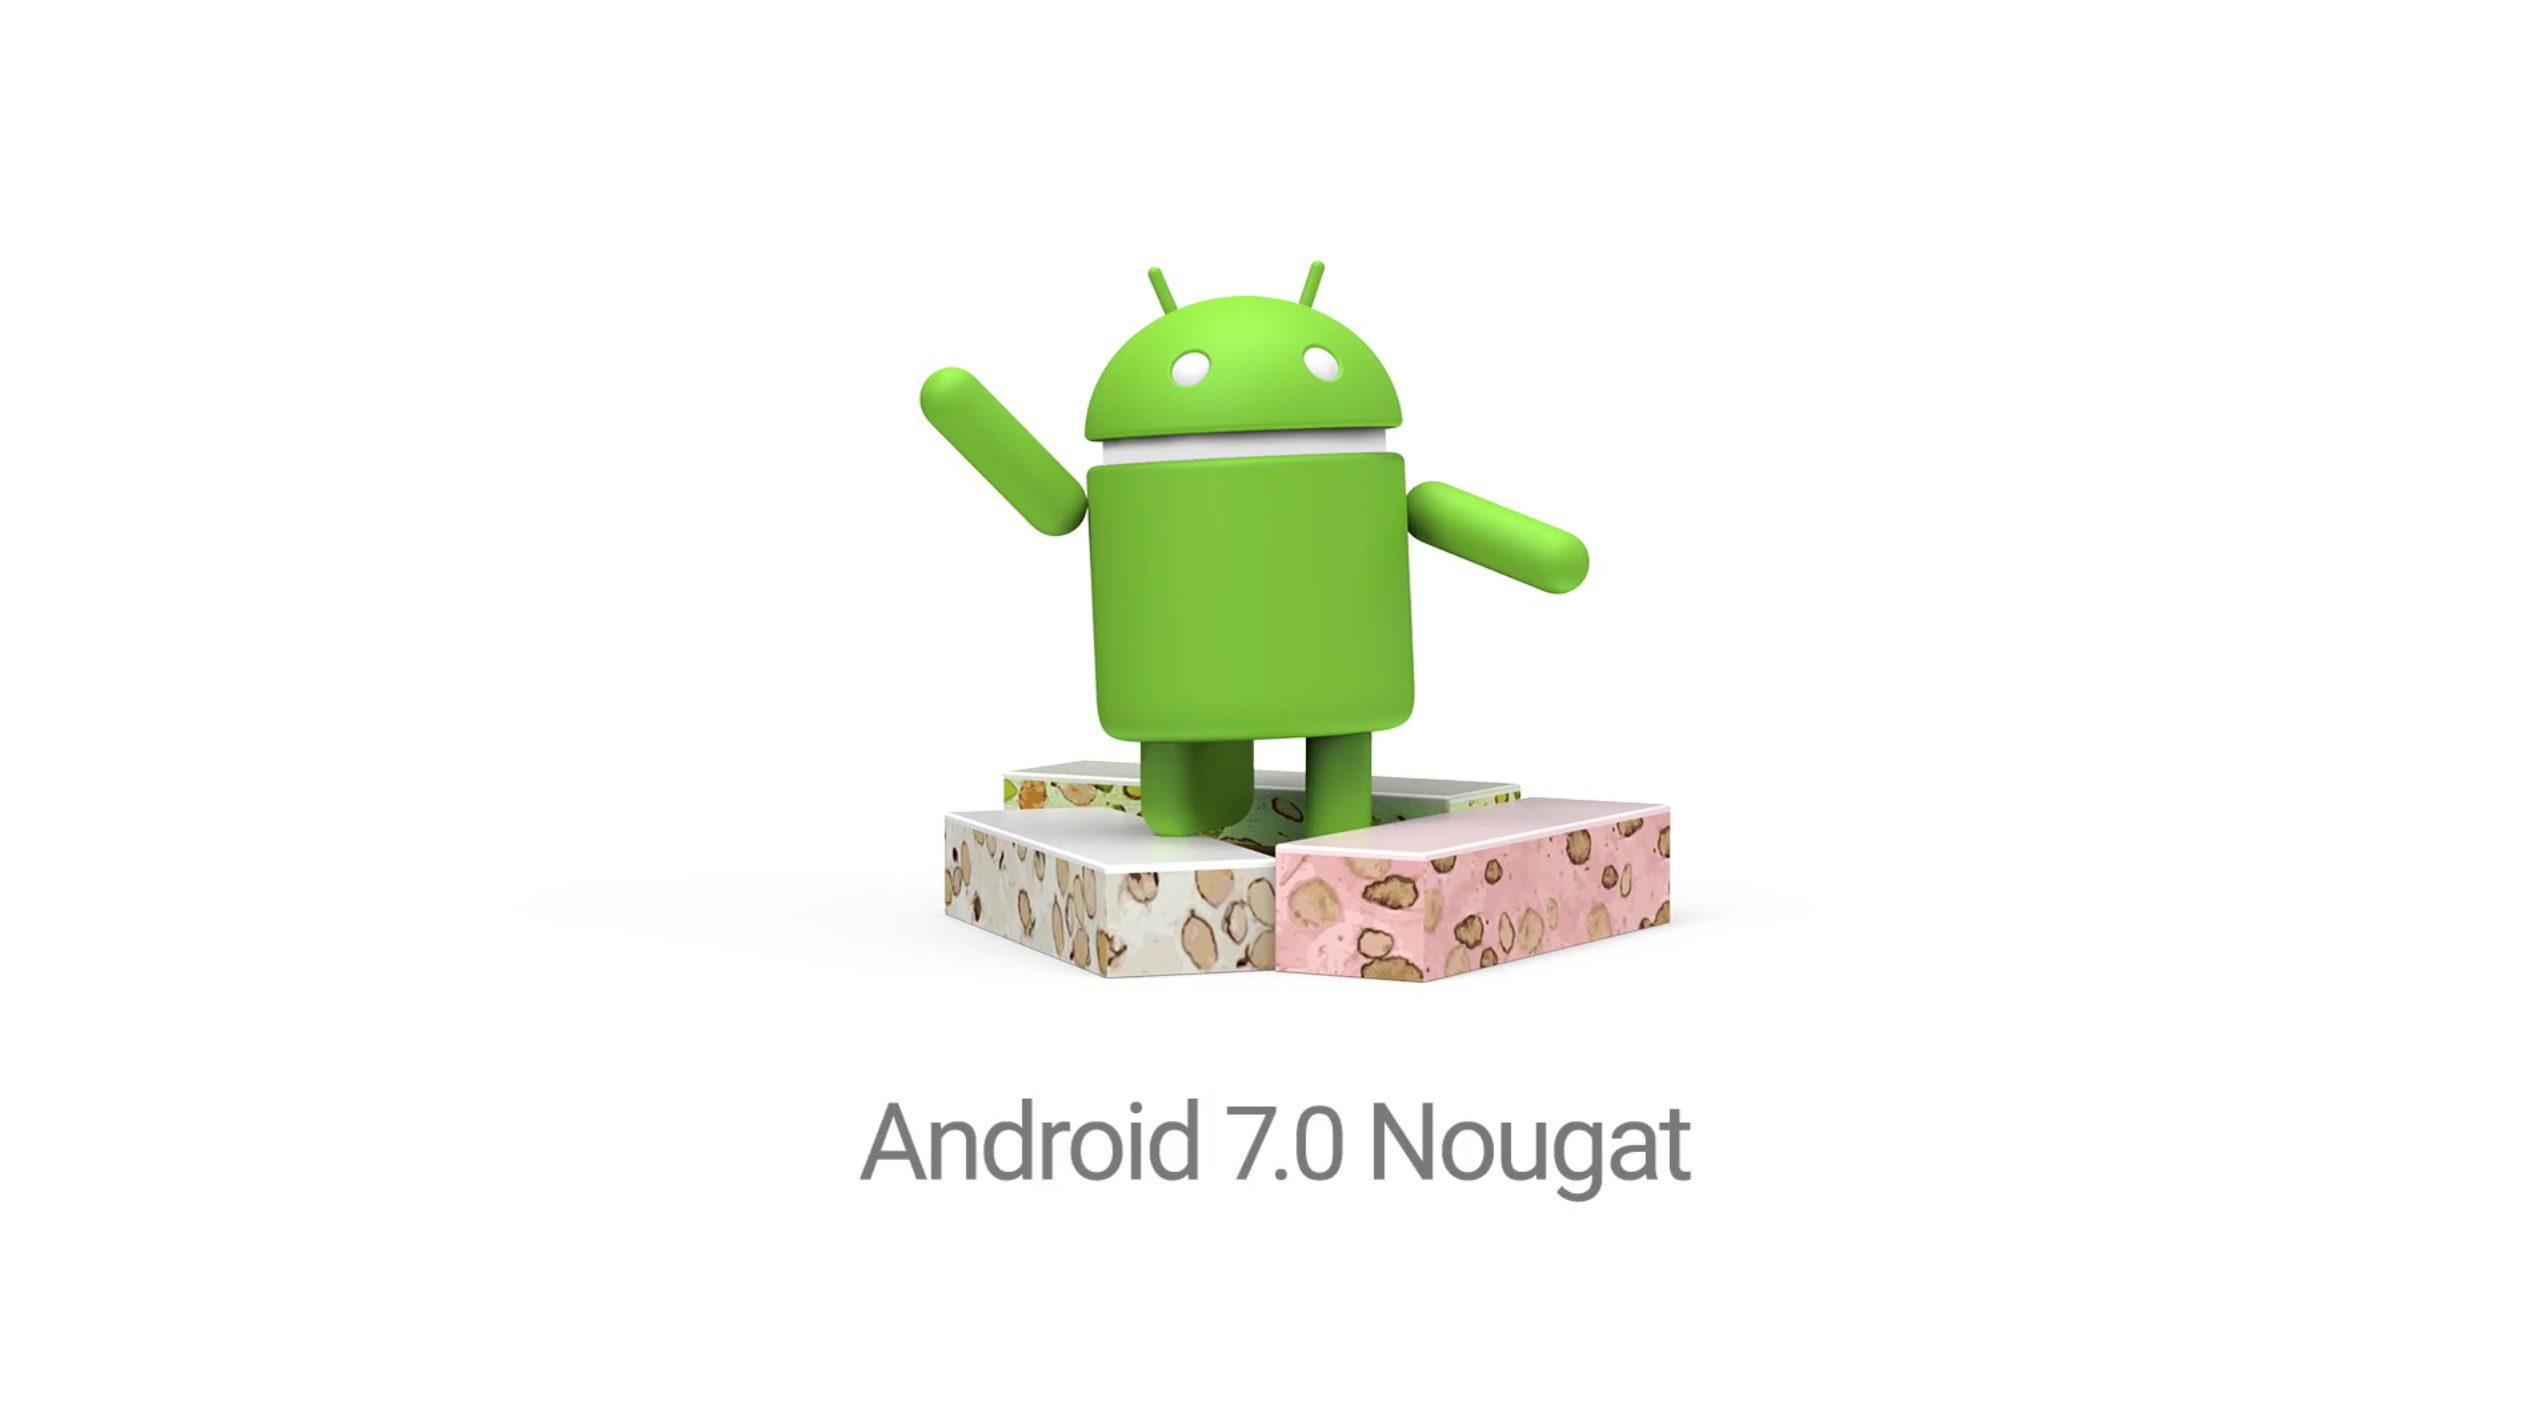 Pareri contrastanti su Android Nougat 7.0 ecco cosa dicono gli utenti